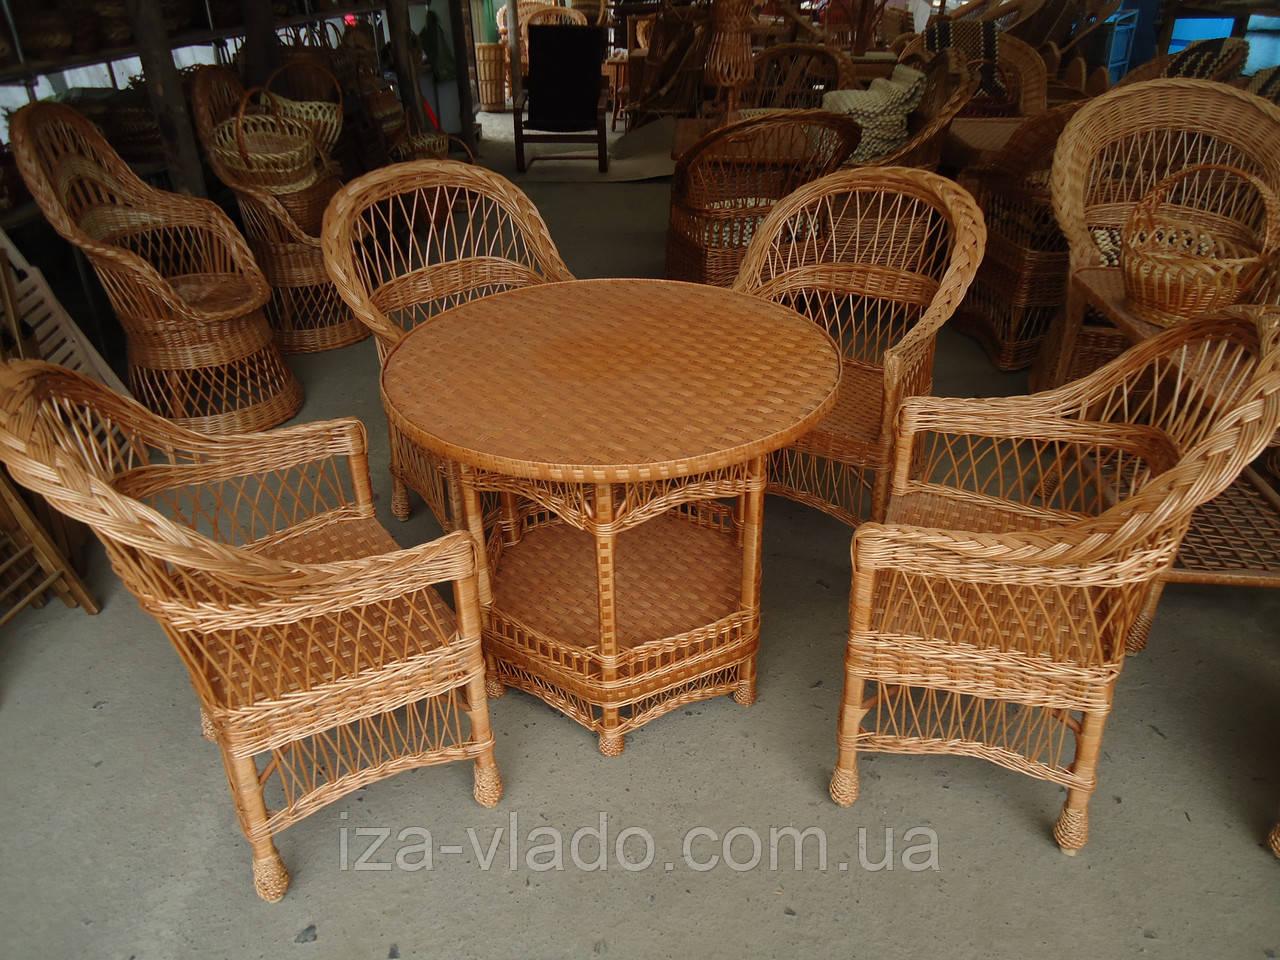 Набор плетёной мебели из лозы «Простый 8»: круглый стол, 4 кресла